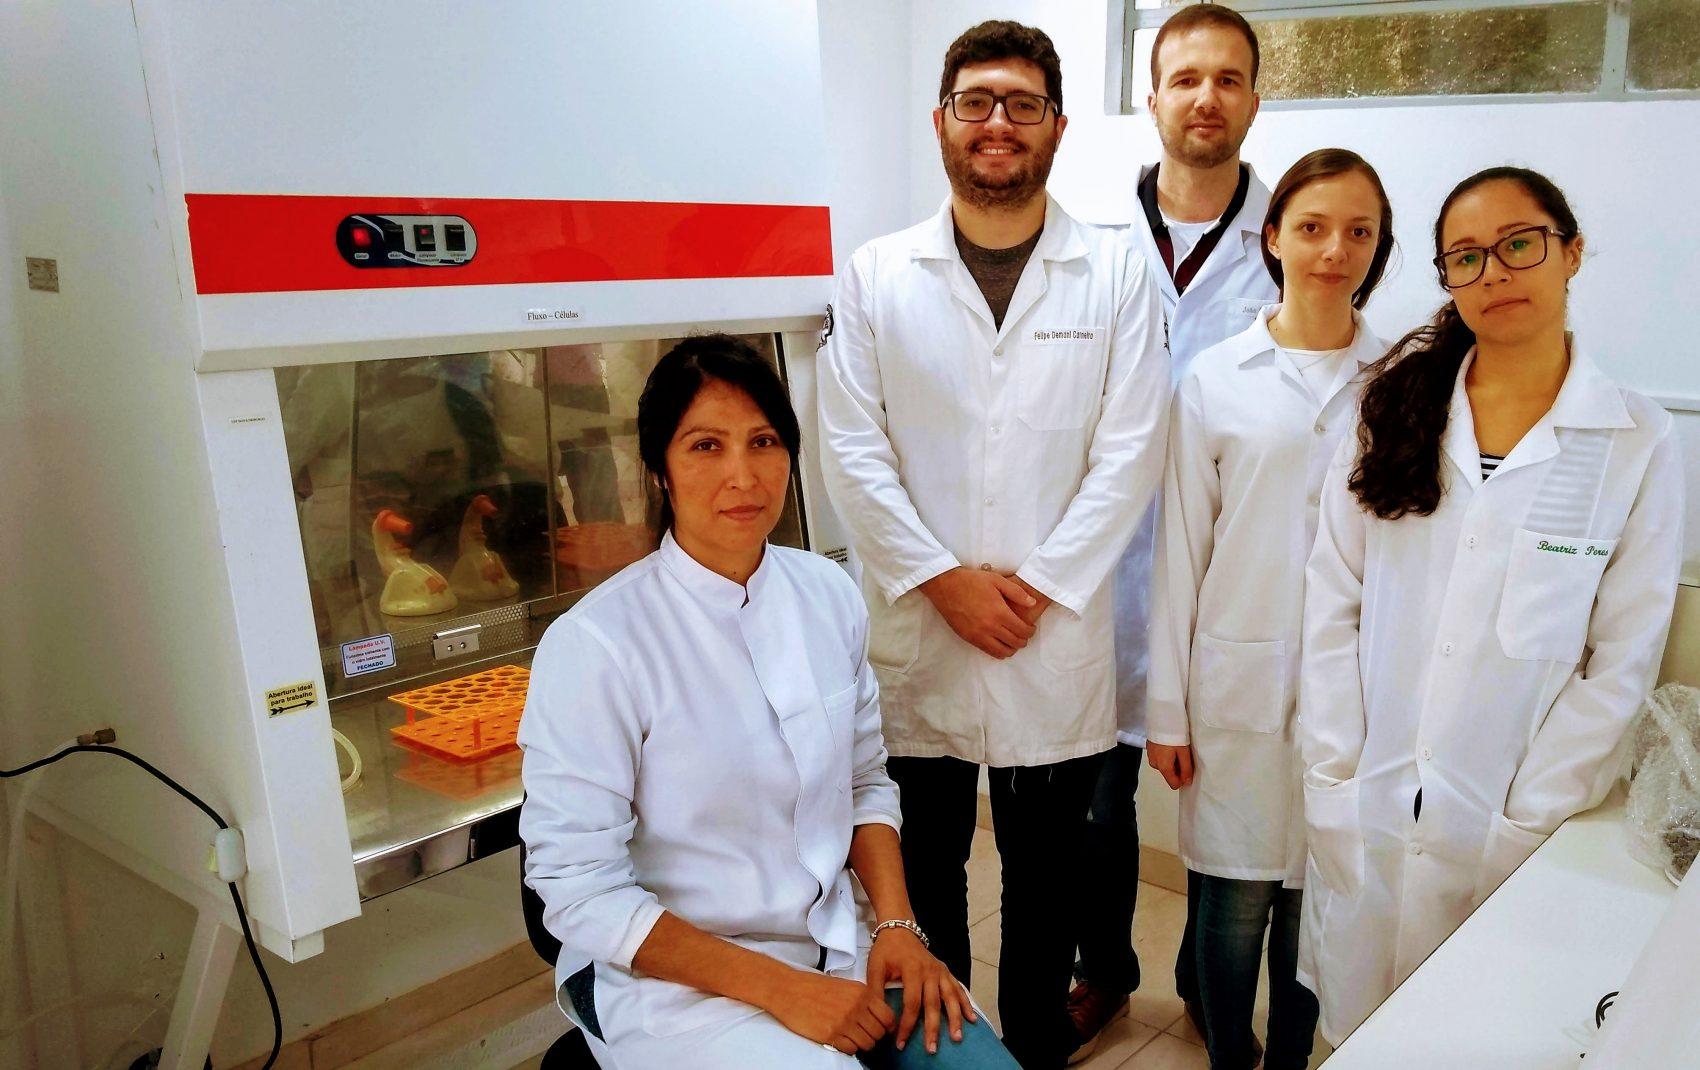 Os professores Flora (sentada) e Leonardo (atrás) com a equipe da pesquisa sobre relação entre agrotóxicos e obesidade e diabetes (Foto Divulgação/UFF)